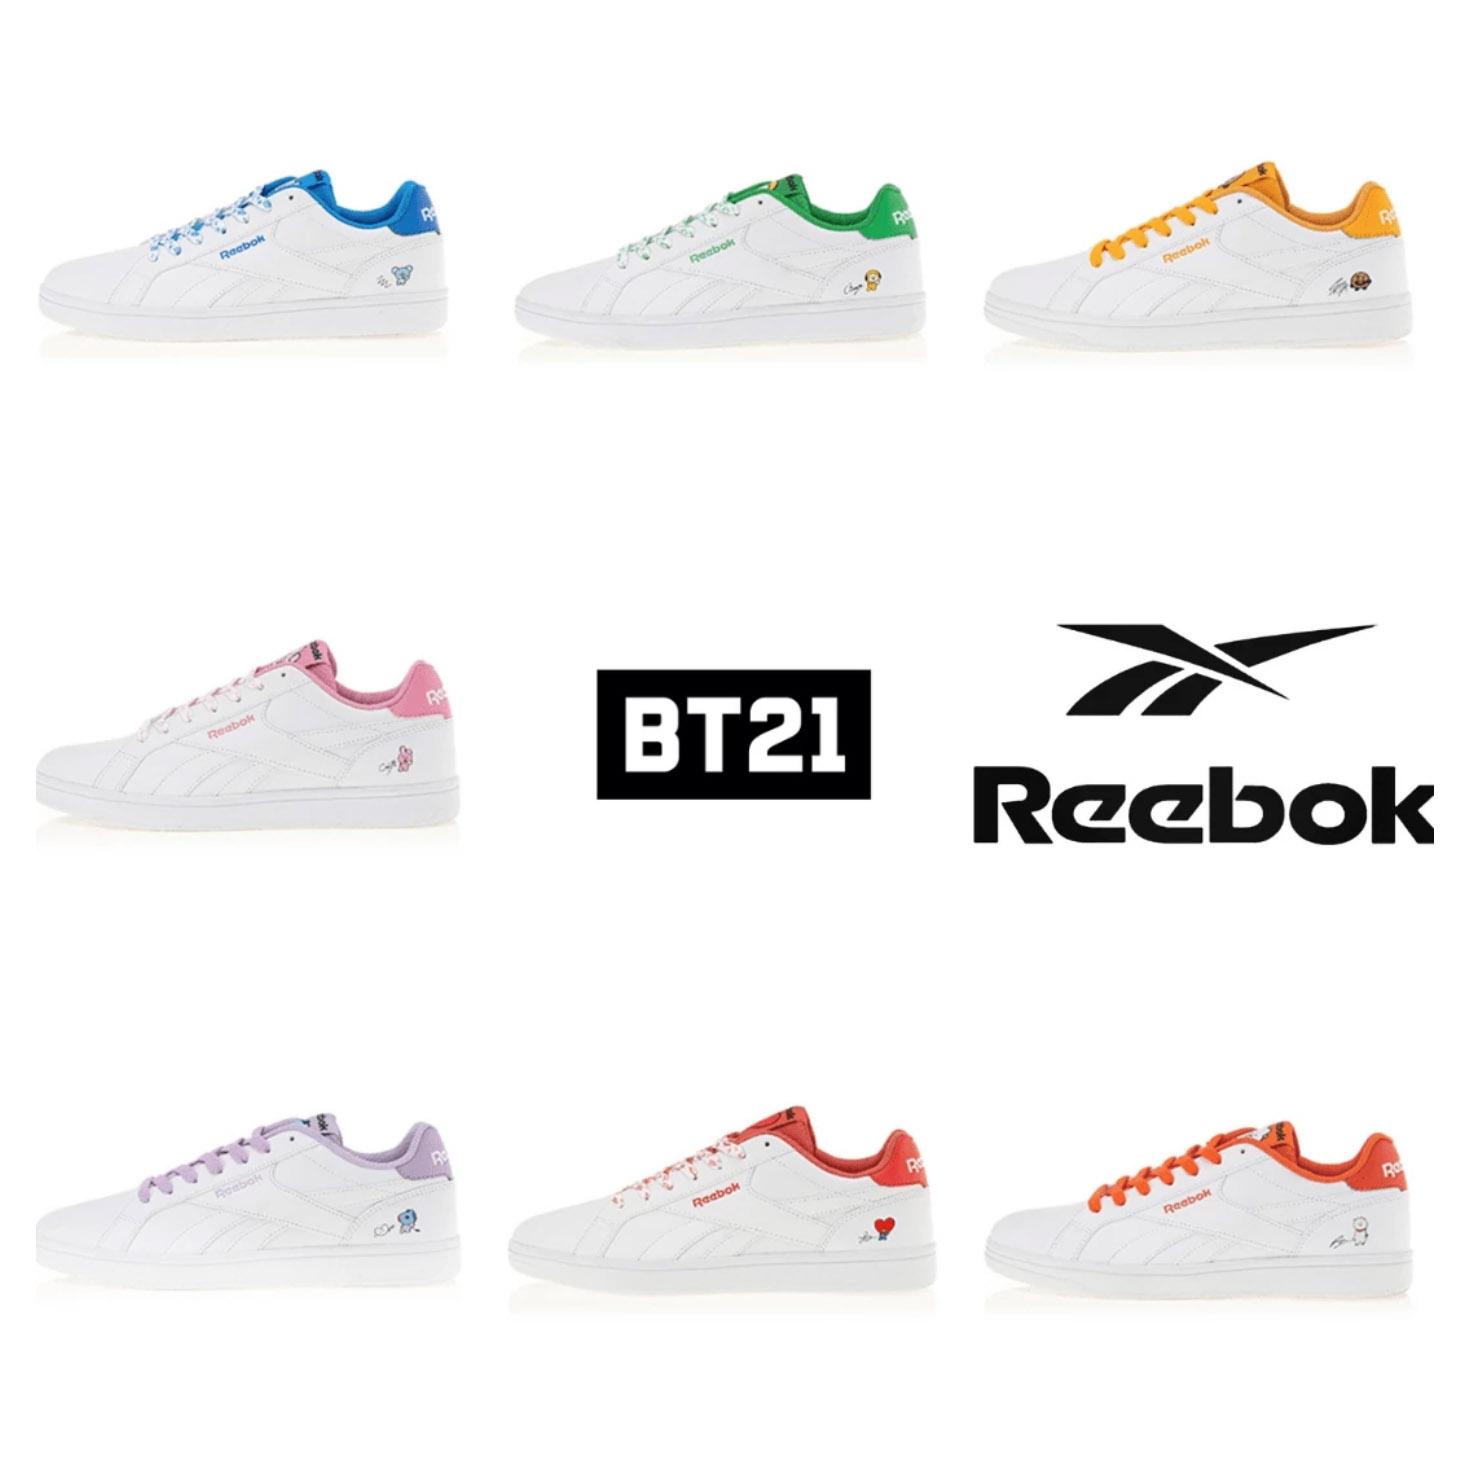 Reebok x BT21 — US BTS ARMY